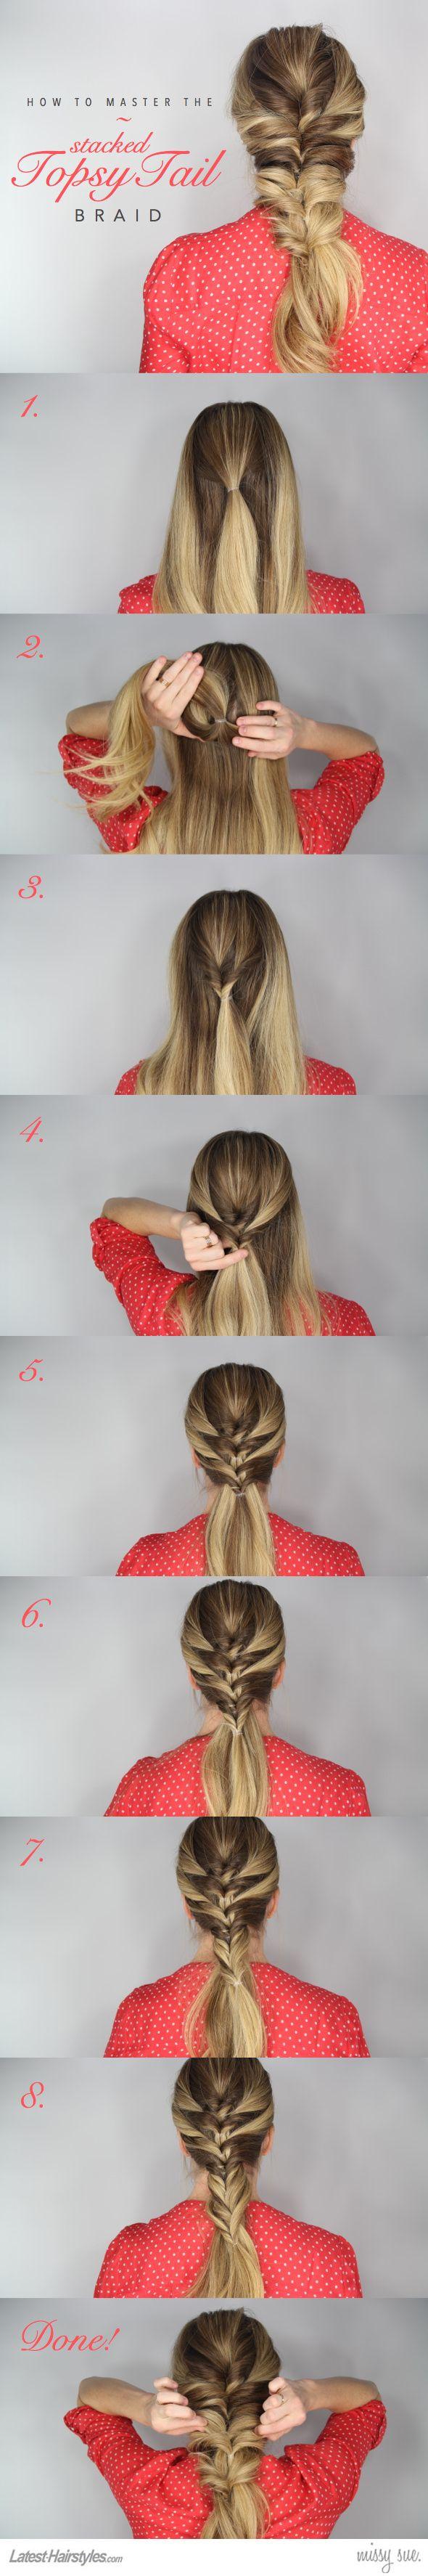 112 best Hair images on Pinterest